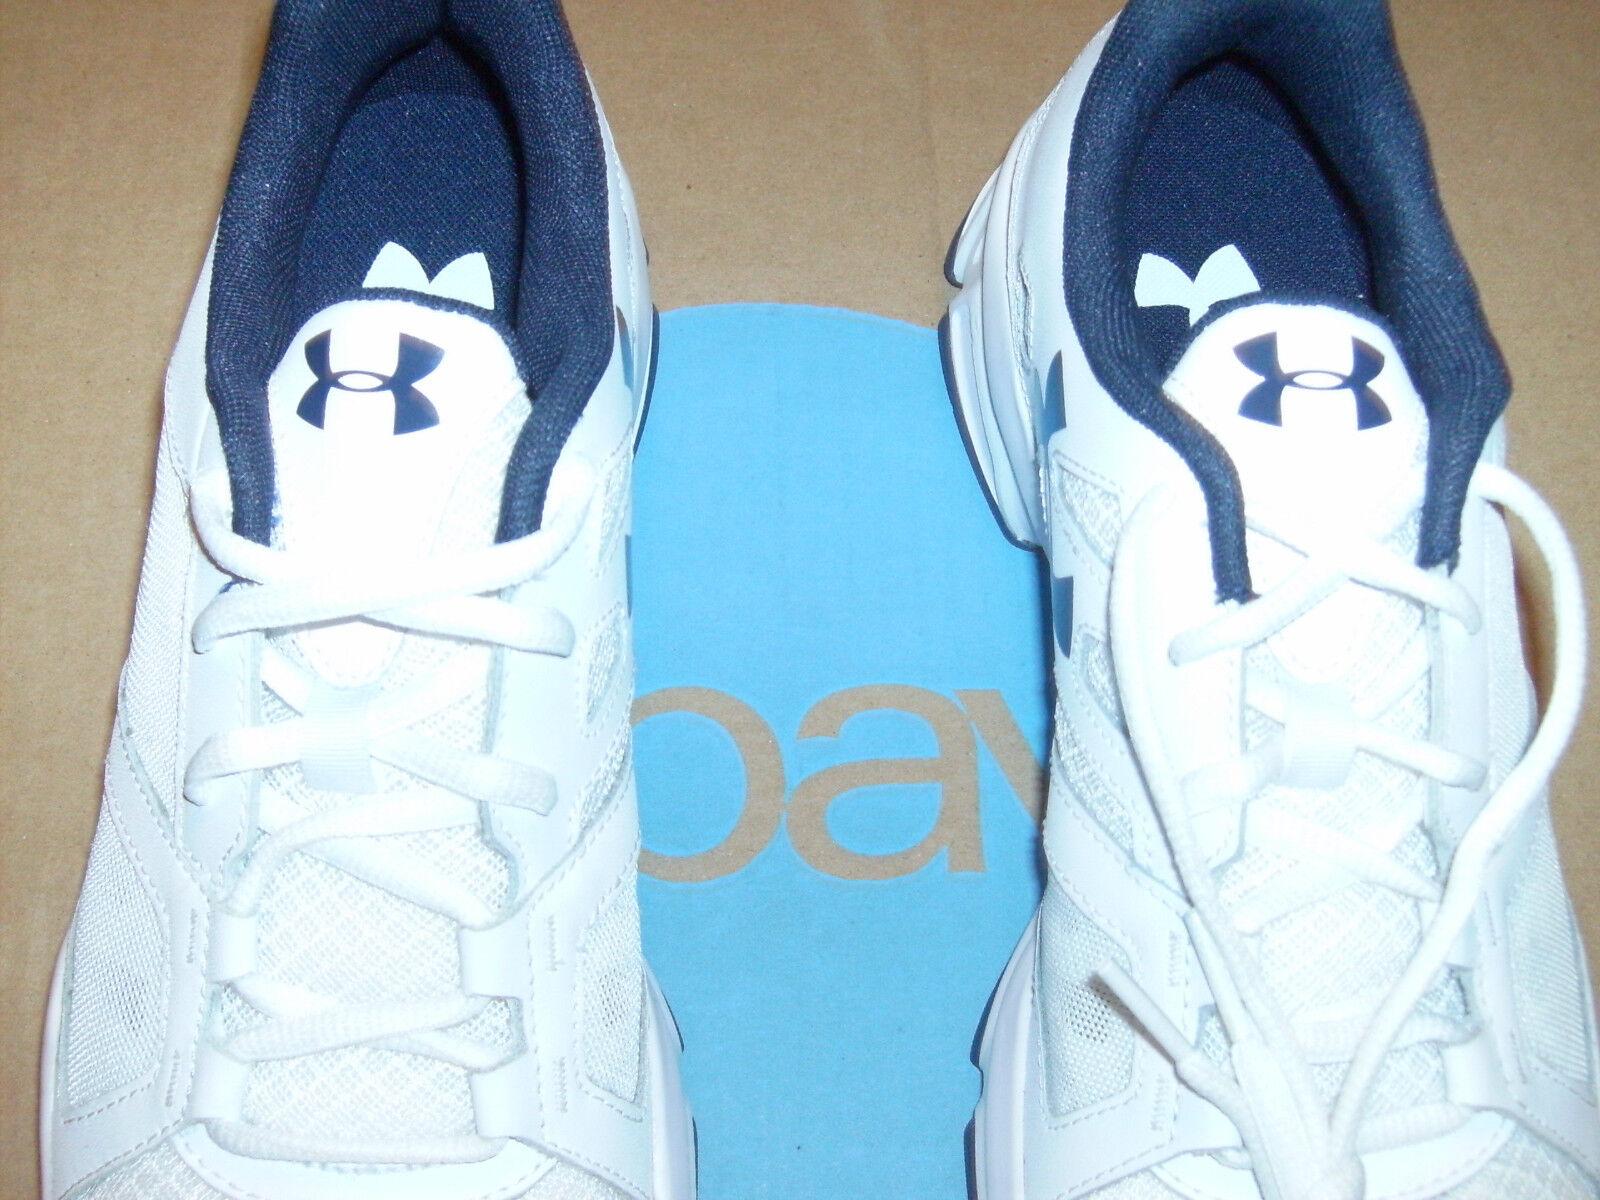 Under Armour  Uomo Größe Zone 2 Training Schuhes Größe Uomo 8.5 Med Brand New Weiß/ Blau Logo. 826fc3